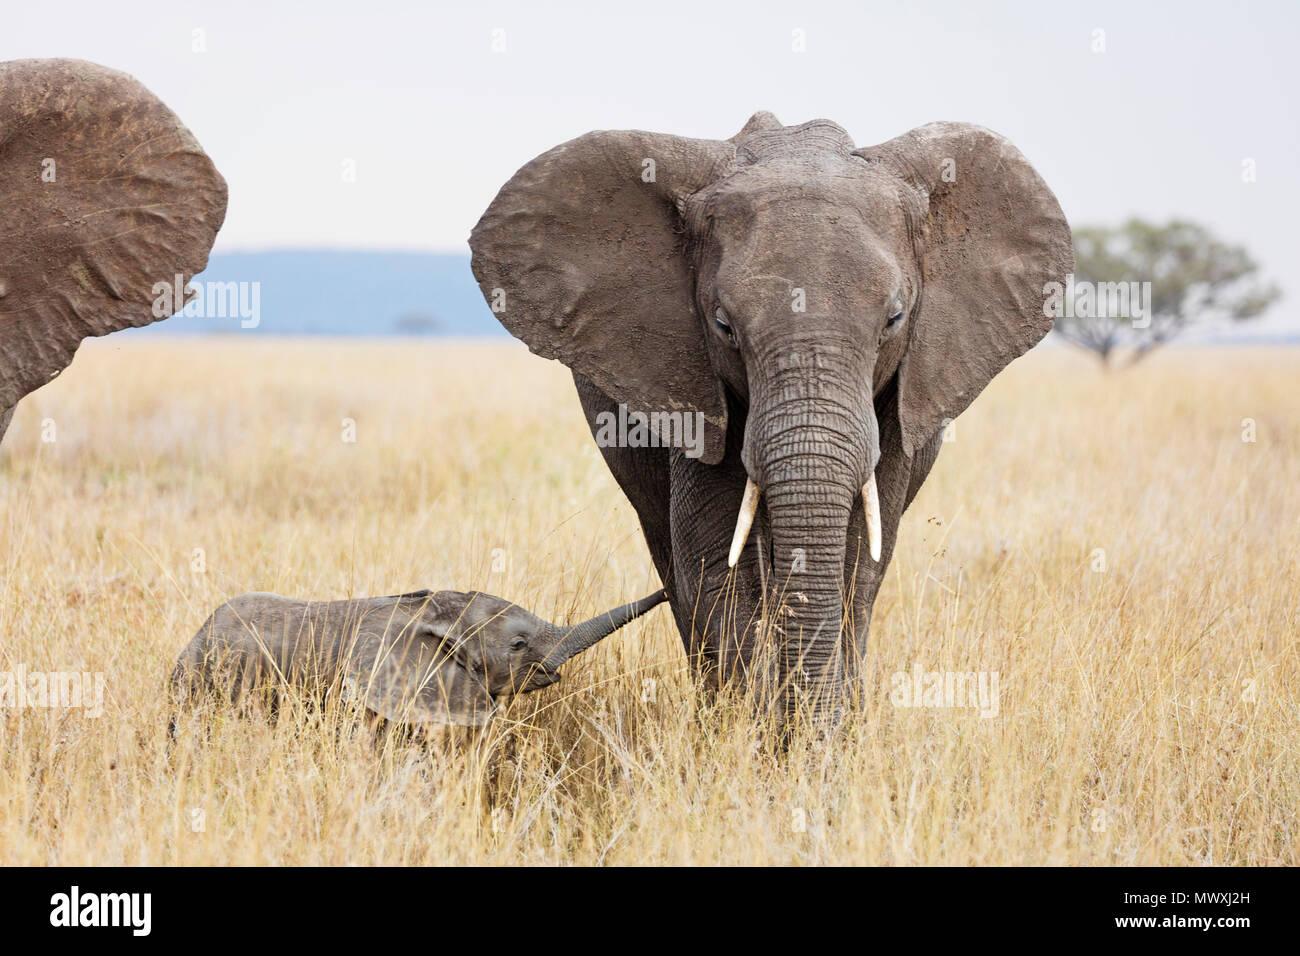 Bébé éléphant africain et sa mère (Loxodonta africana), le Parc National du Serengeti, Site du patrimoine mondial de l'UNESCO, la Tanzanie, l'Afrique de l'Est, l'Afrique Photo Stock